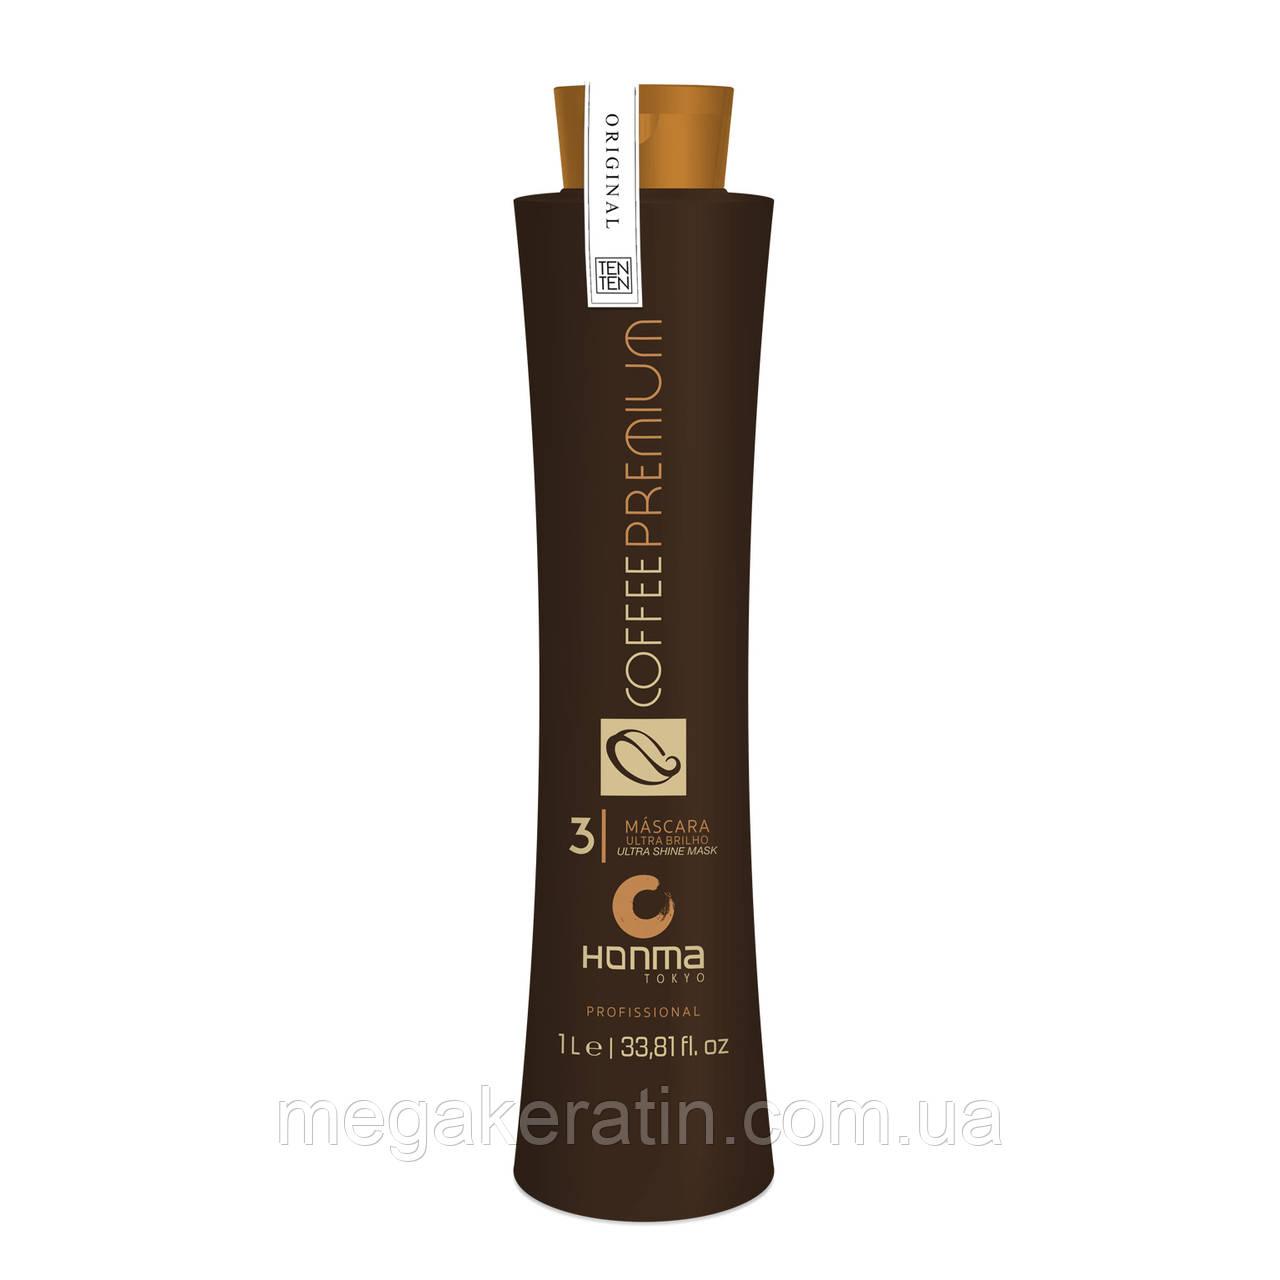 Маска ультра-блеск Coffee Premium (Кофе Премиум) Honma Tokyo 1000мл